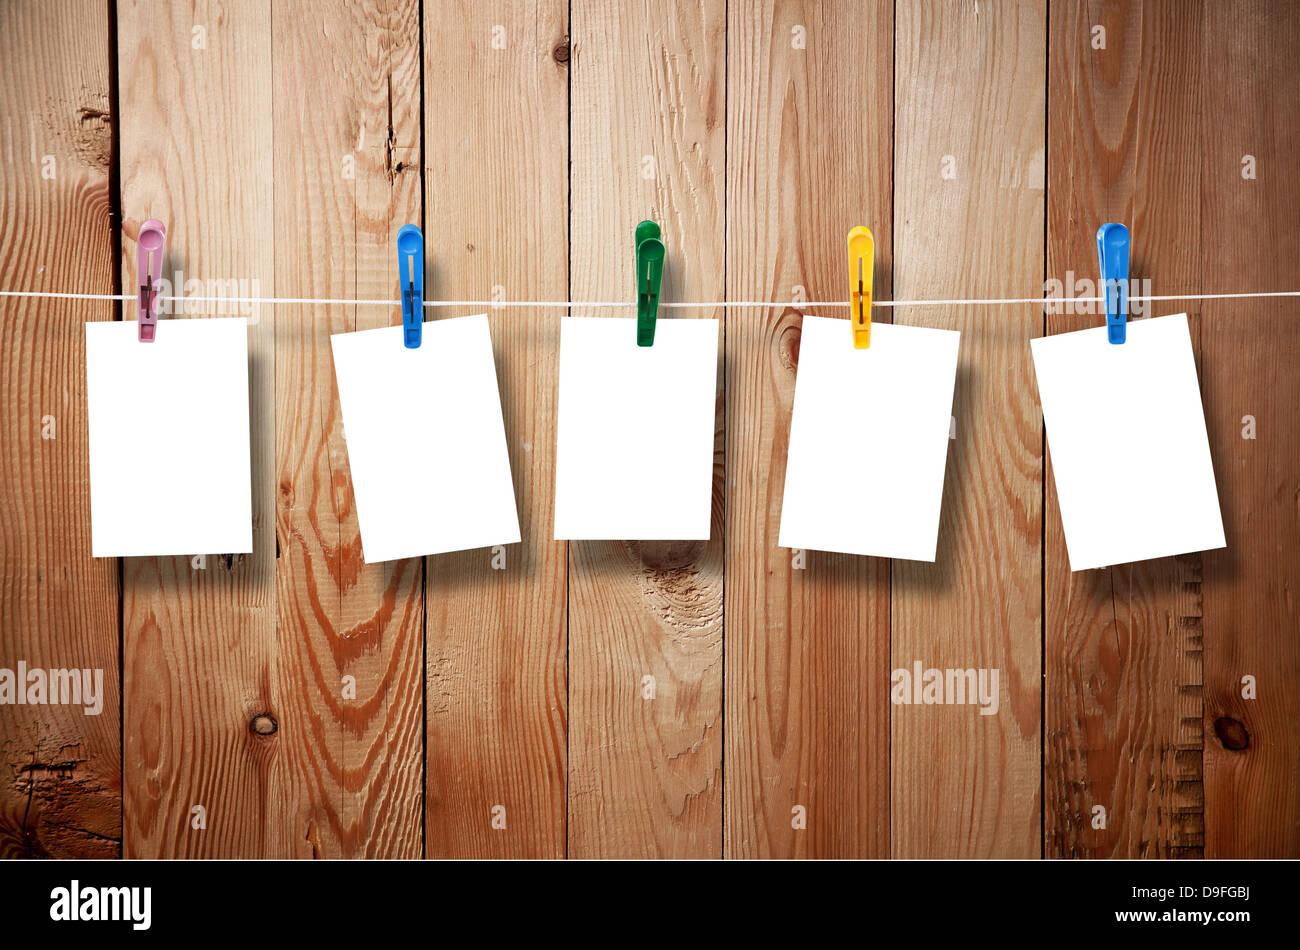 Leere Bilderrahmen aufhängen auf der Wäscheleine auf Holz ...